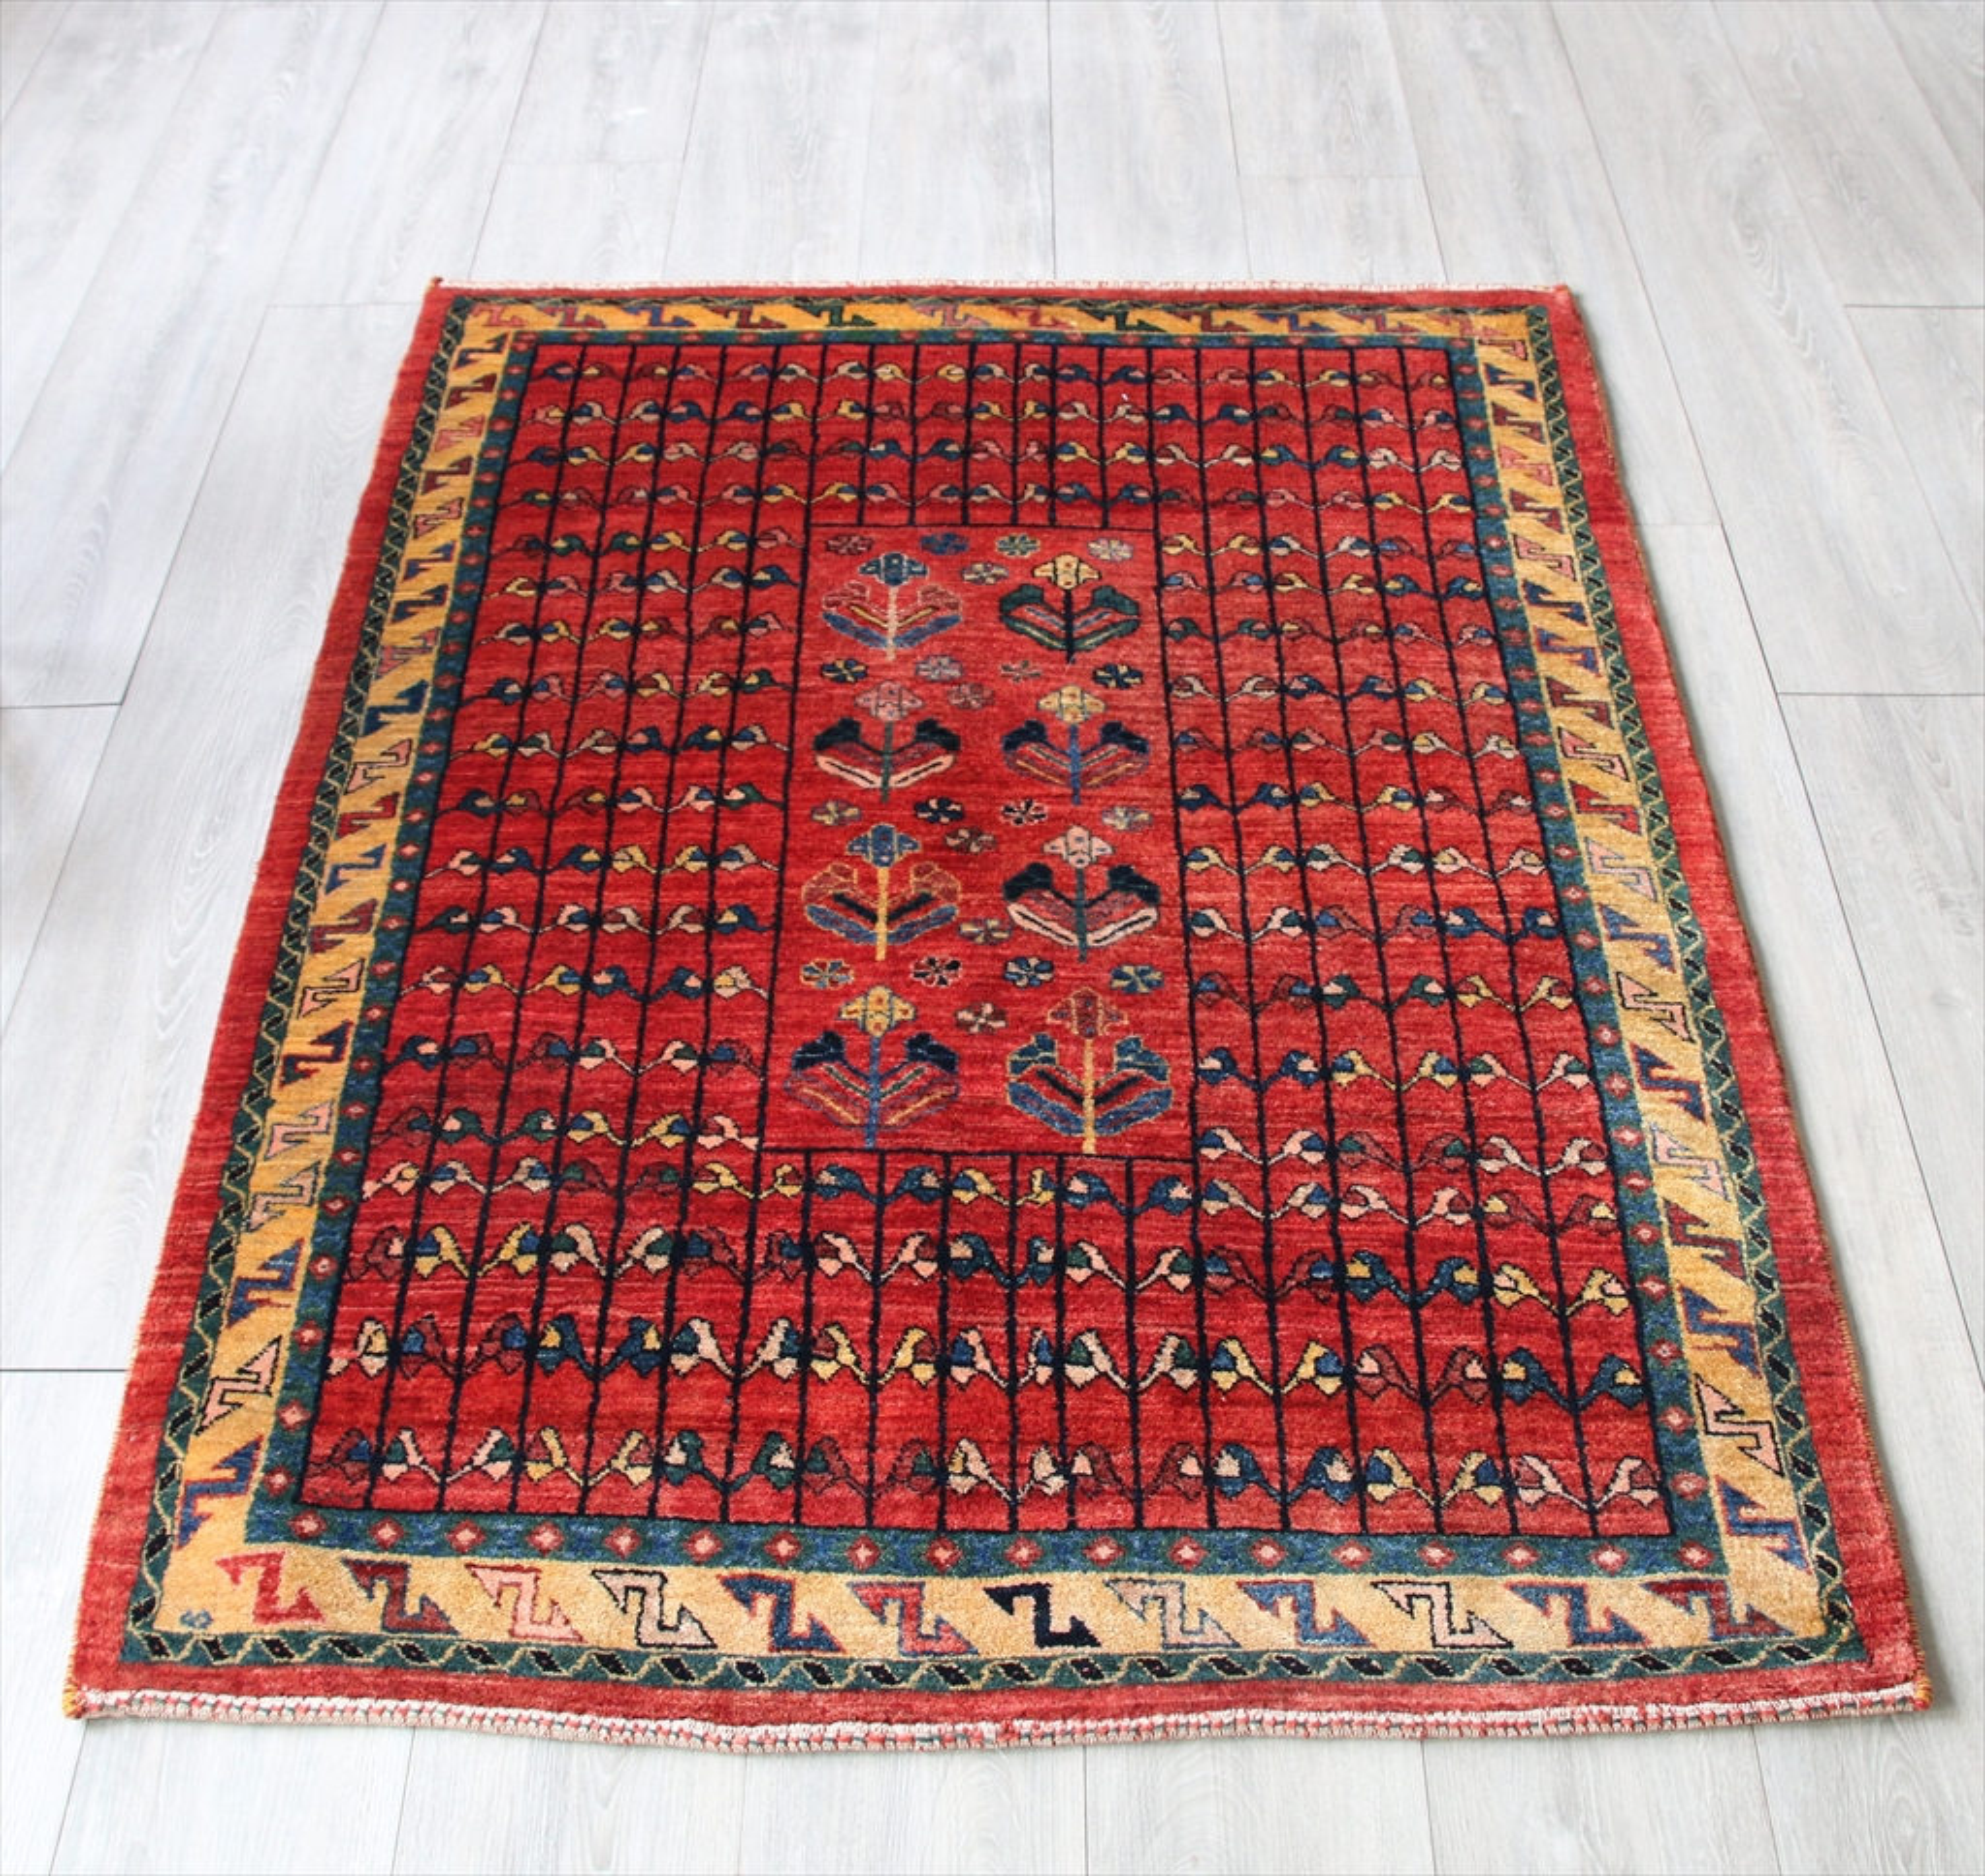 ルリバフ・ギャッベ/カシュカイ族の手織りラグ・アクセントラグ147x107cm クラシックなバクティアリ族の伝統柄/レッド